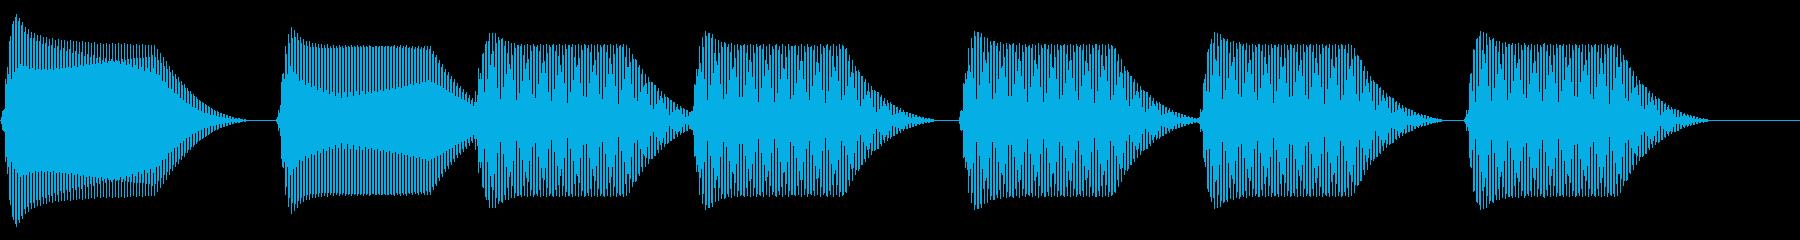 往年のRPG風 セリフ・吹き出し音 13の再生済みの波形